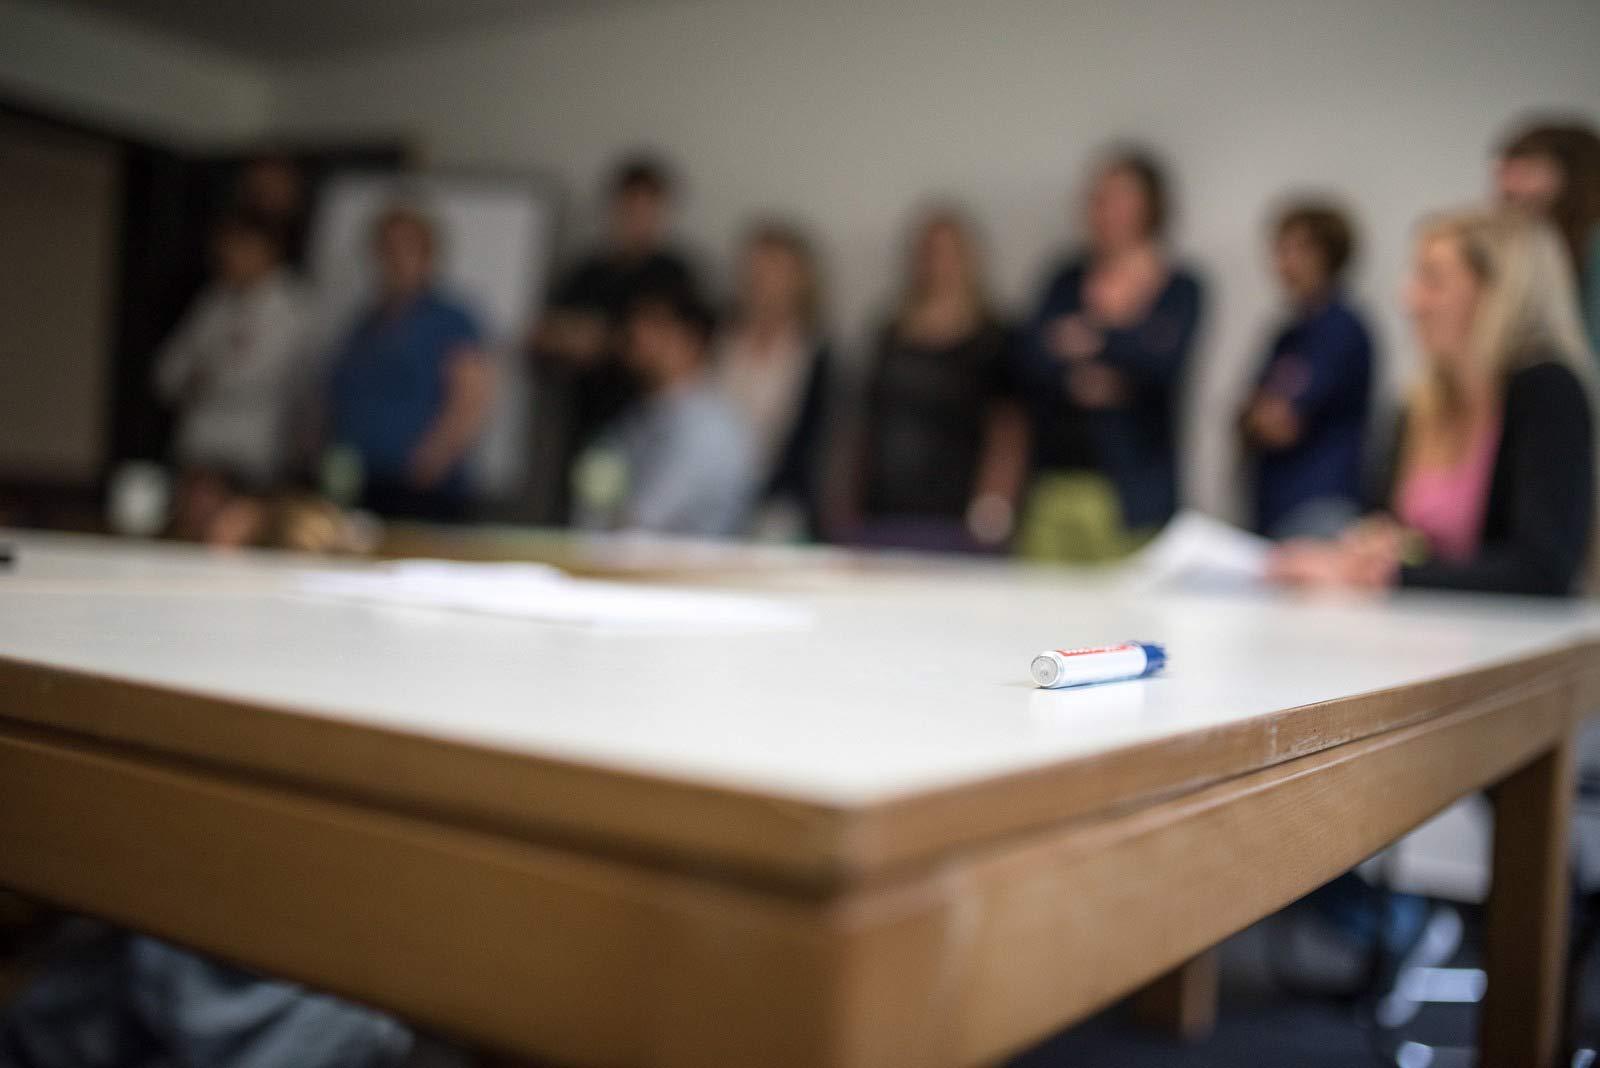 Stift auf Tisch in Seminarsituation